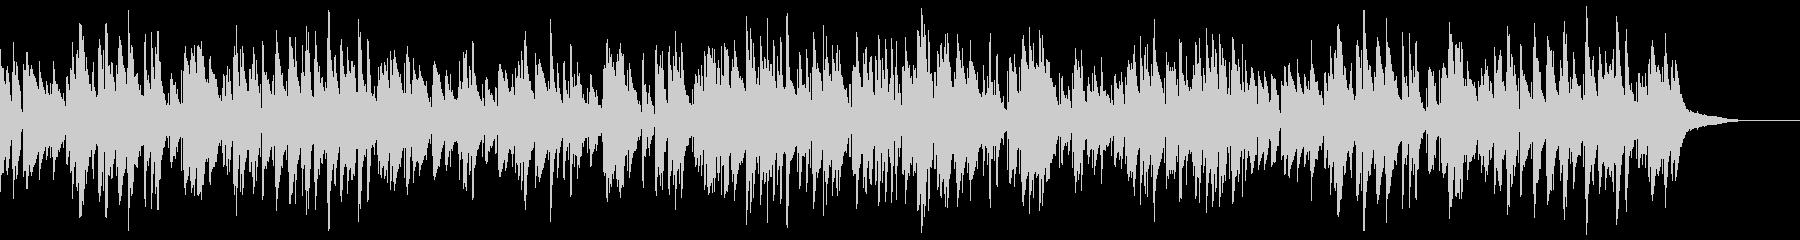 お洒落でキャッチーなジャズピアノトリオ8の未再生の波形